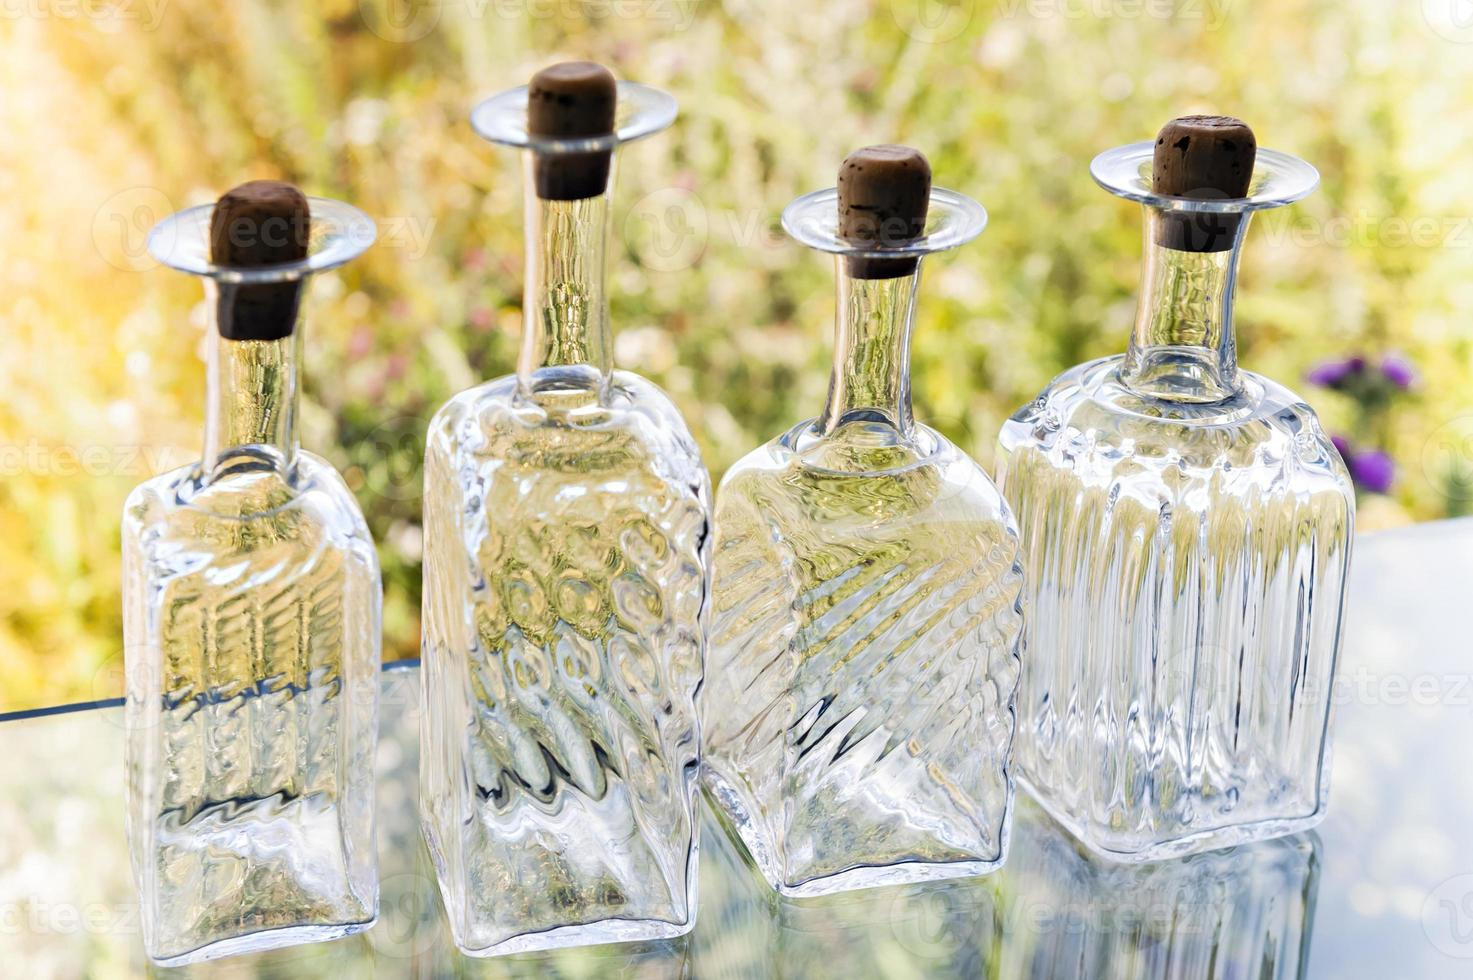 quatre bouteilles avec verre clair fantaisie sur fond floral. photo